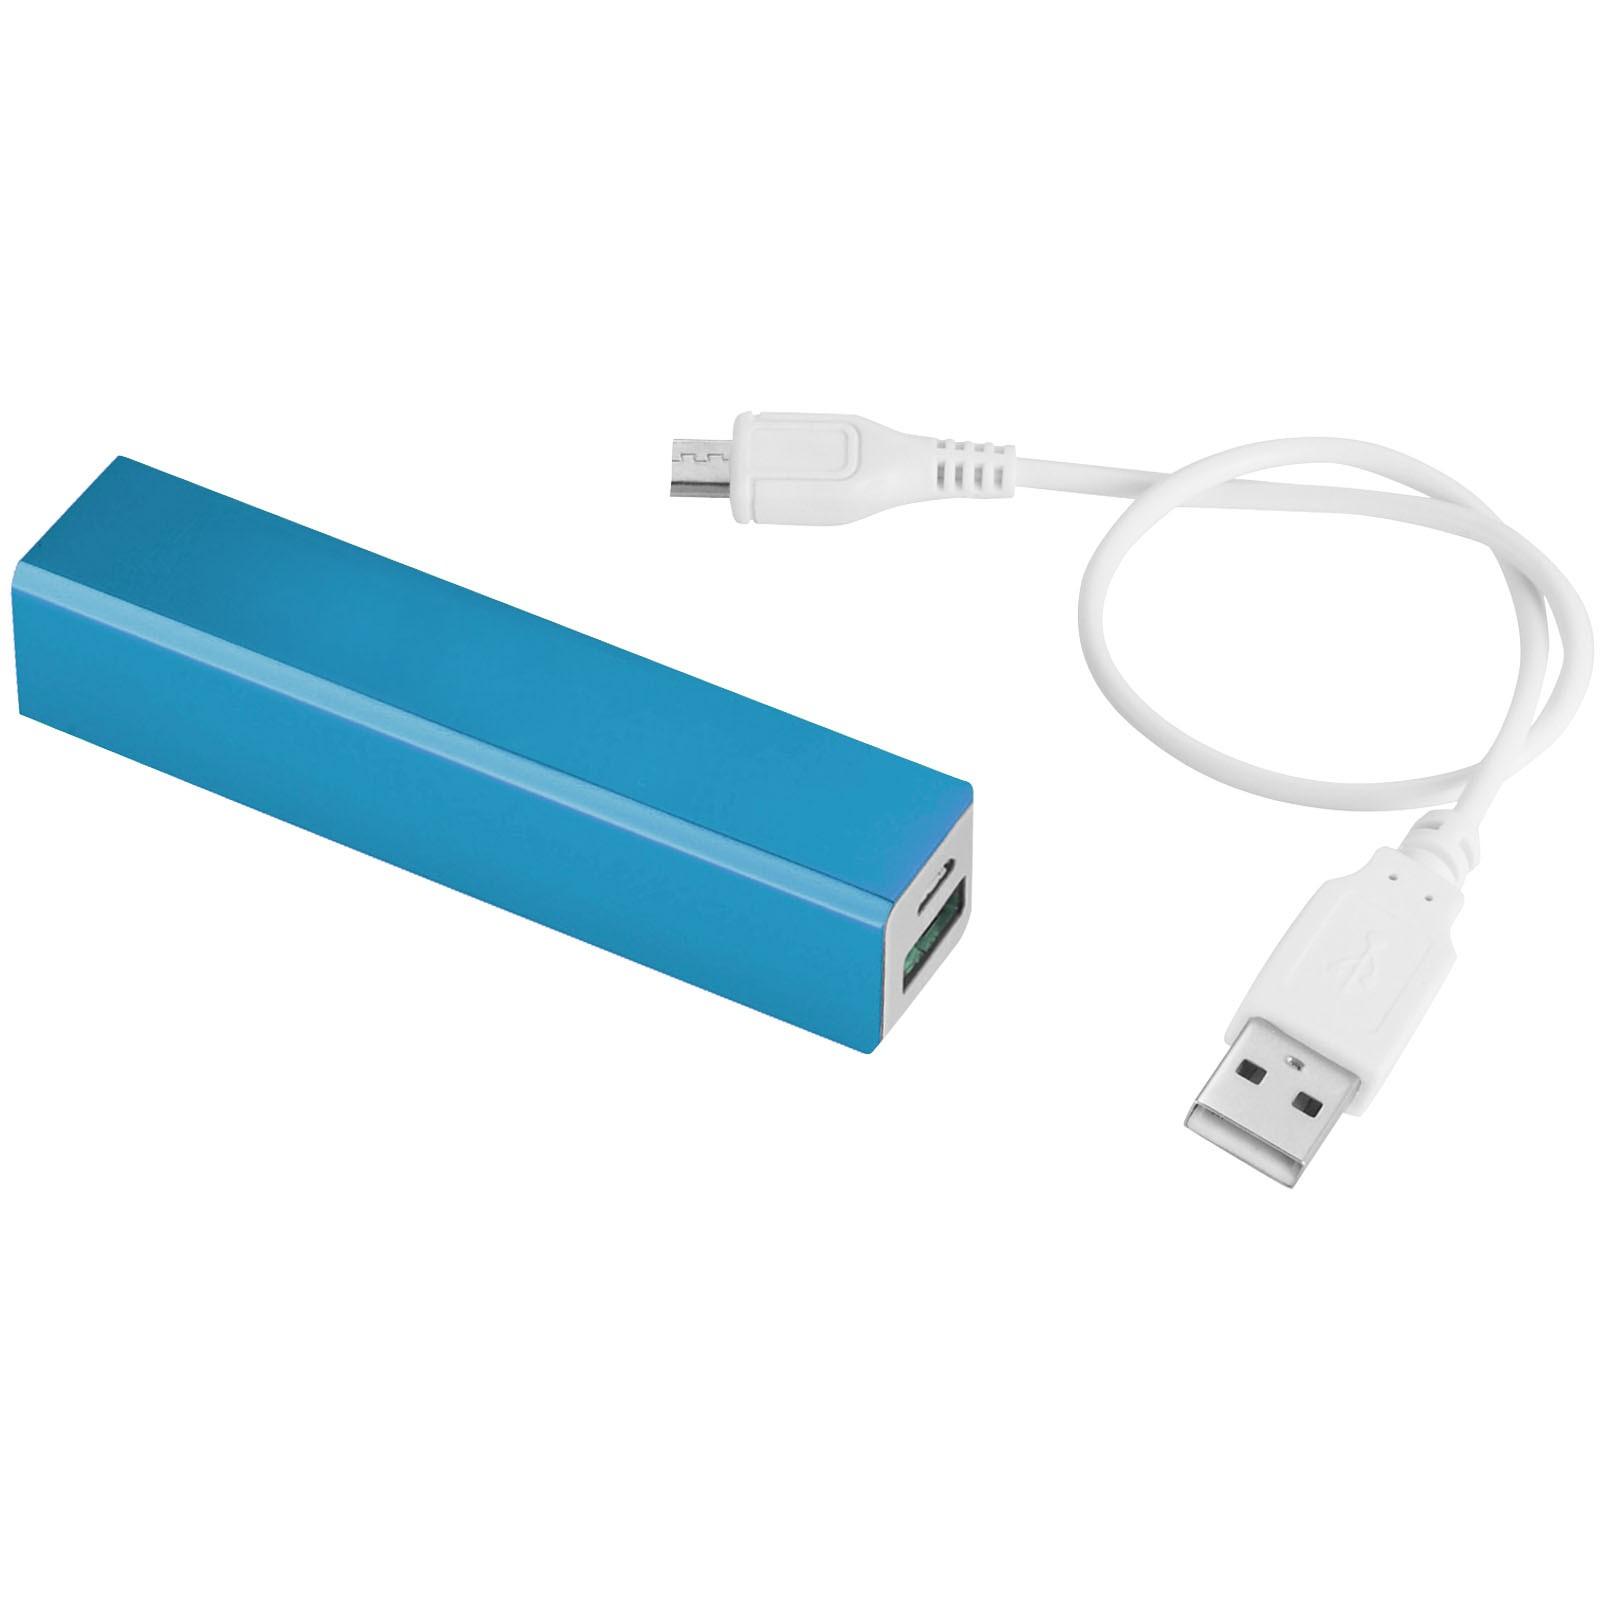 Volt 2200 mAh power bank - Light blue